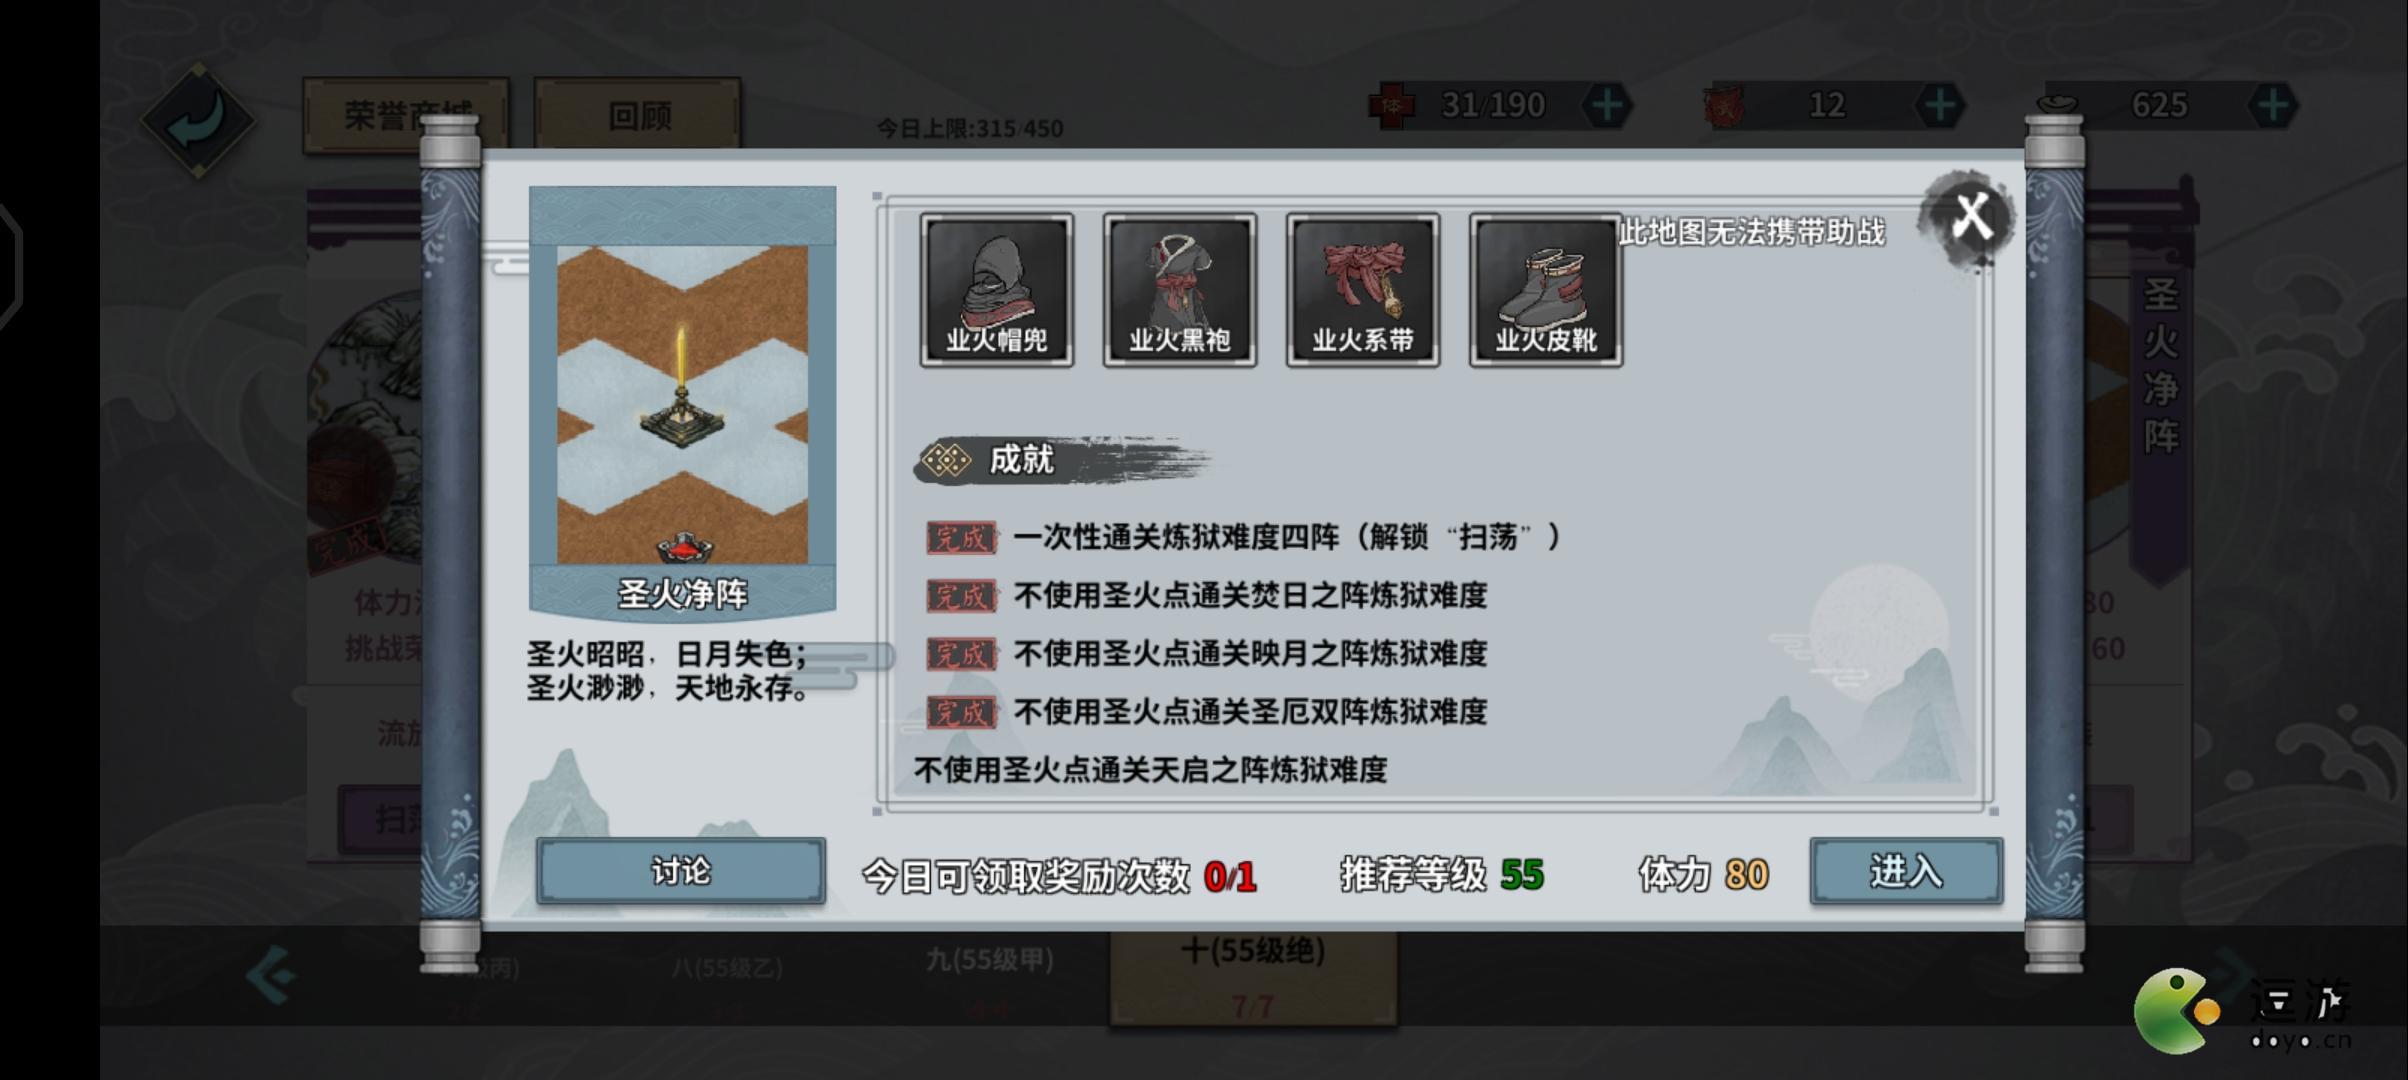 汉家江湖圣火净阵副本通关攻略